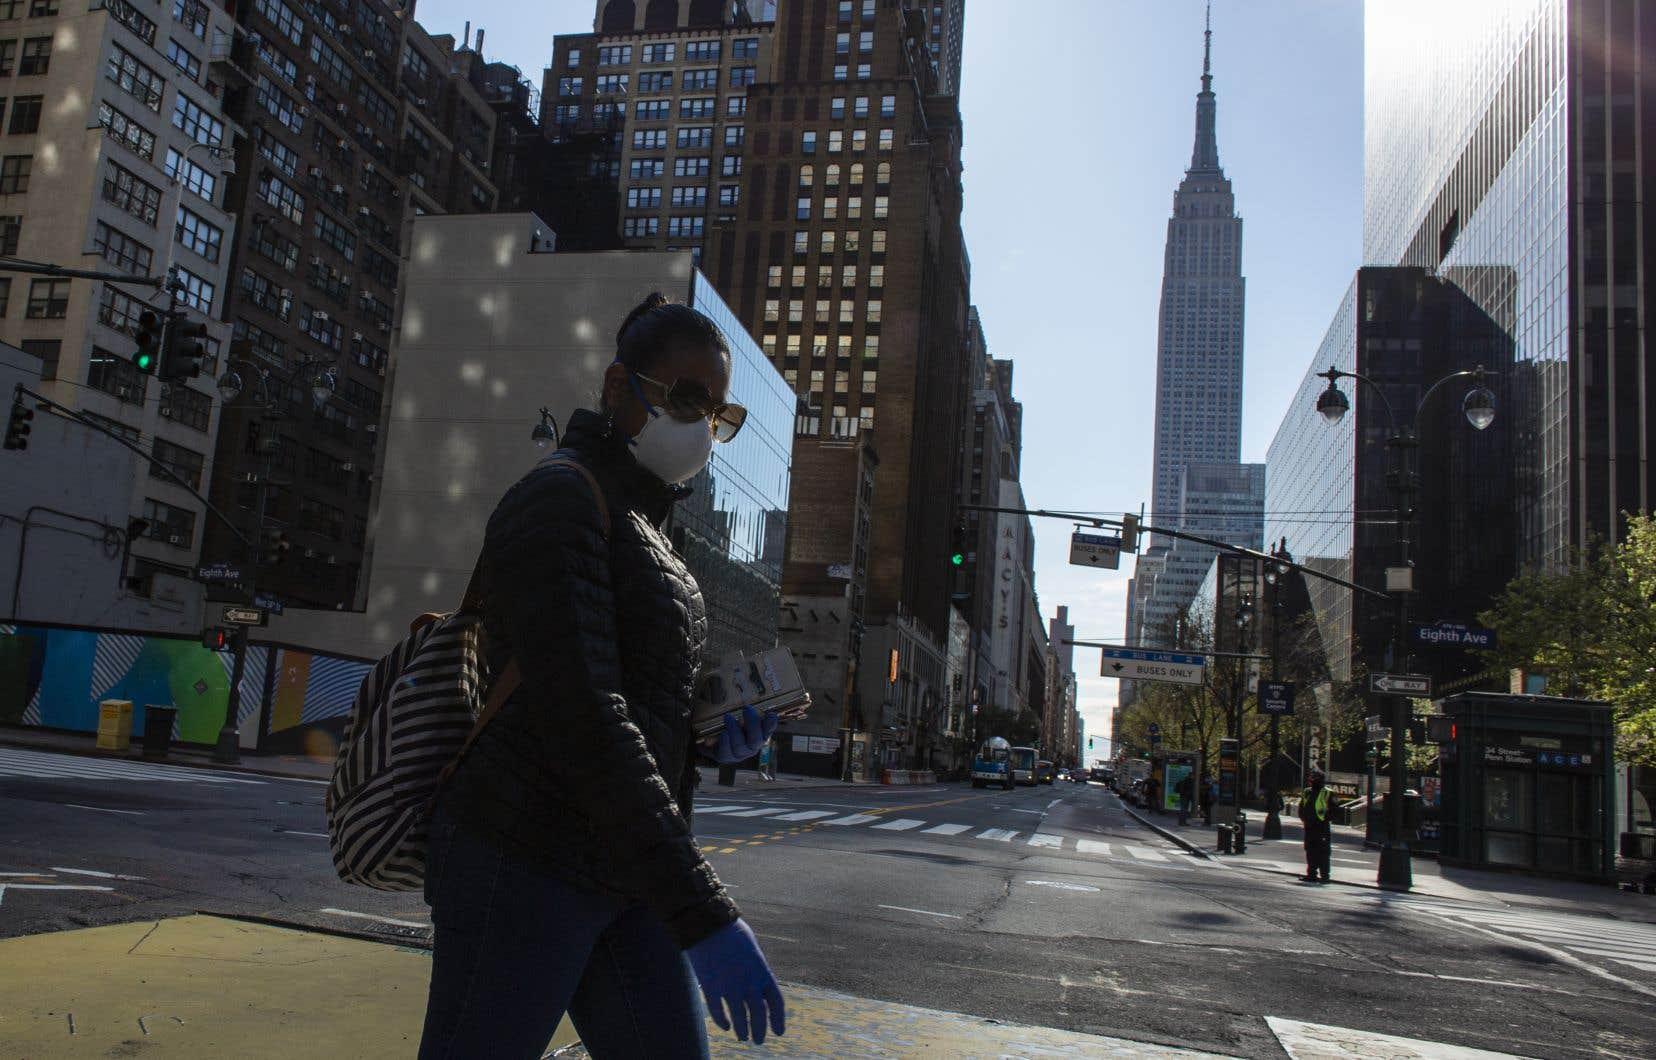 <p>L'État de New York constitue le principal foyer de l'épidémie américaine, principalement dans la ville de New York, capitale économique du pays aujourd'hui quasiment à l'arrêt.</p>